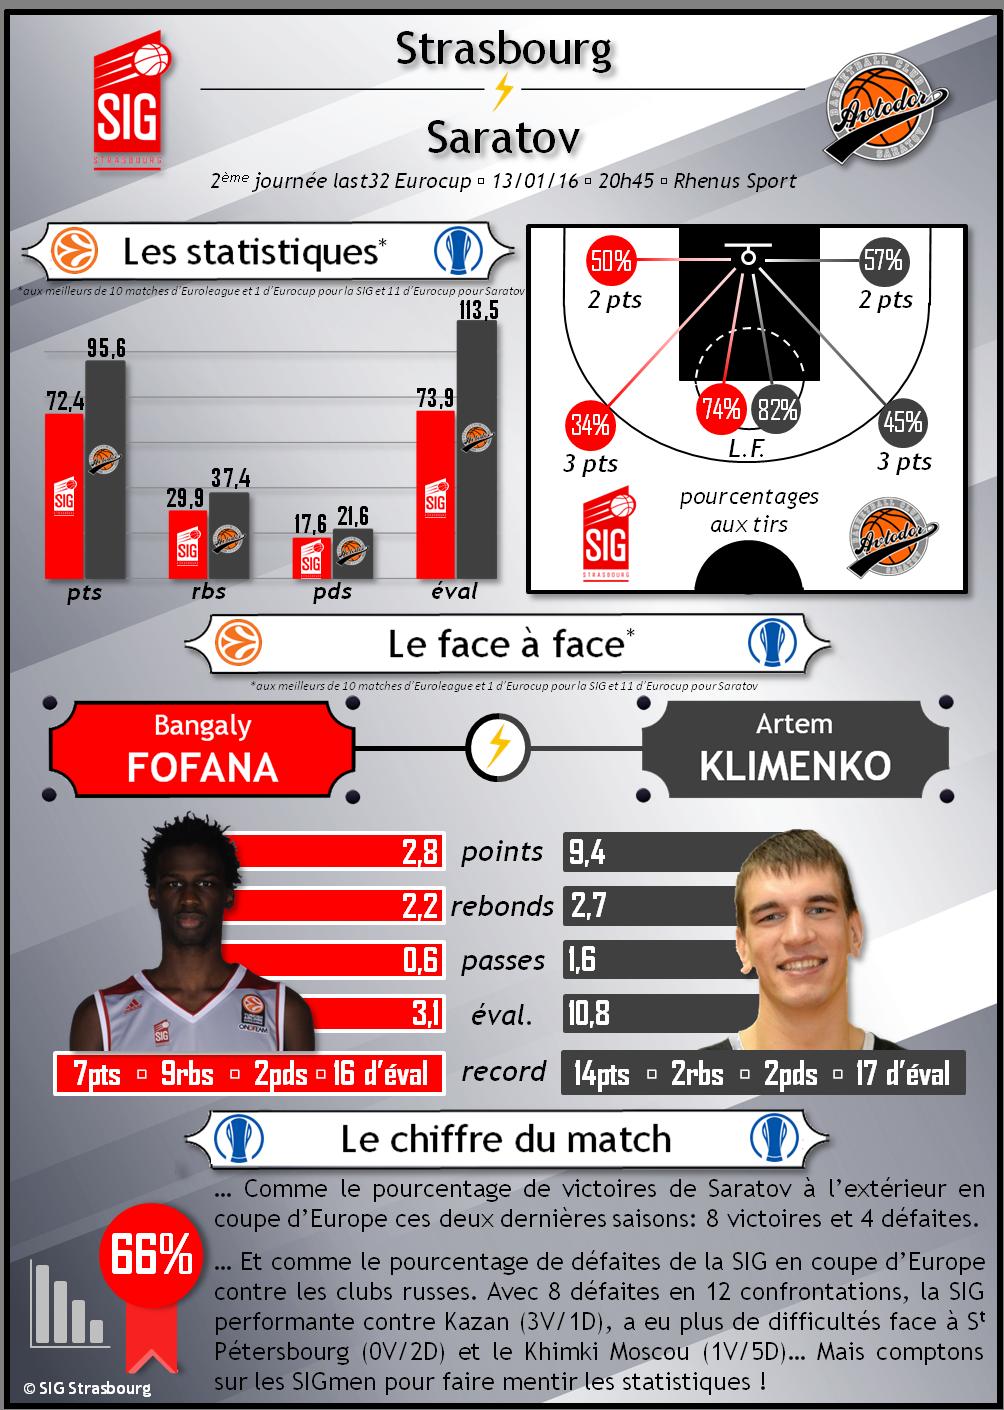 Infographie_Strasbourg vs Saratov_V2